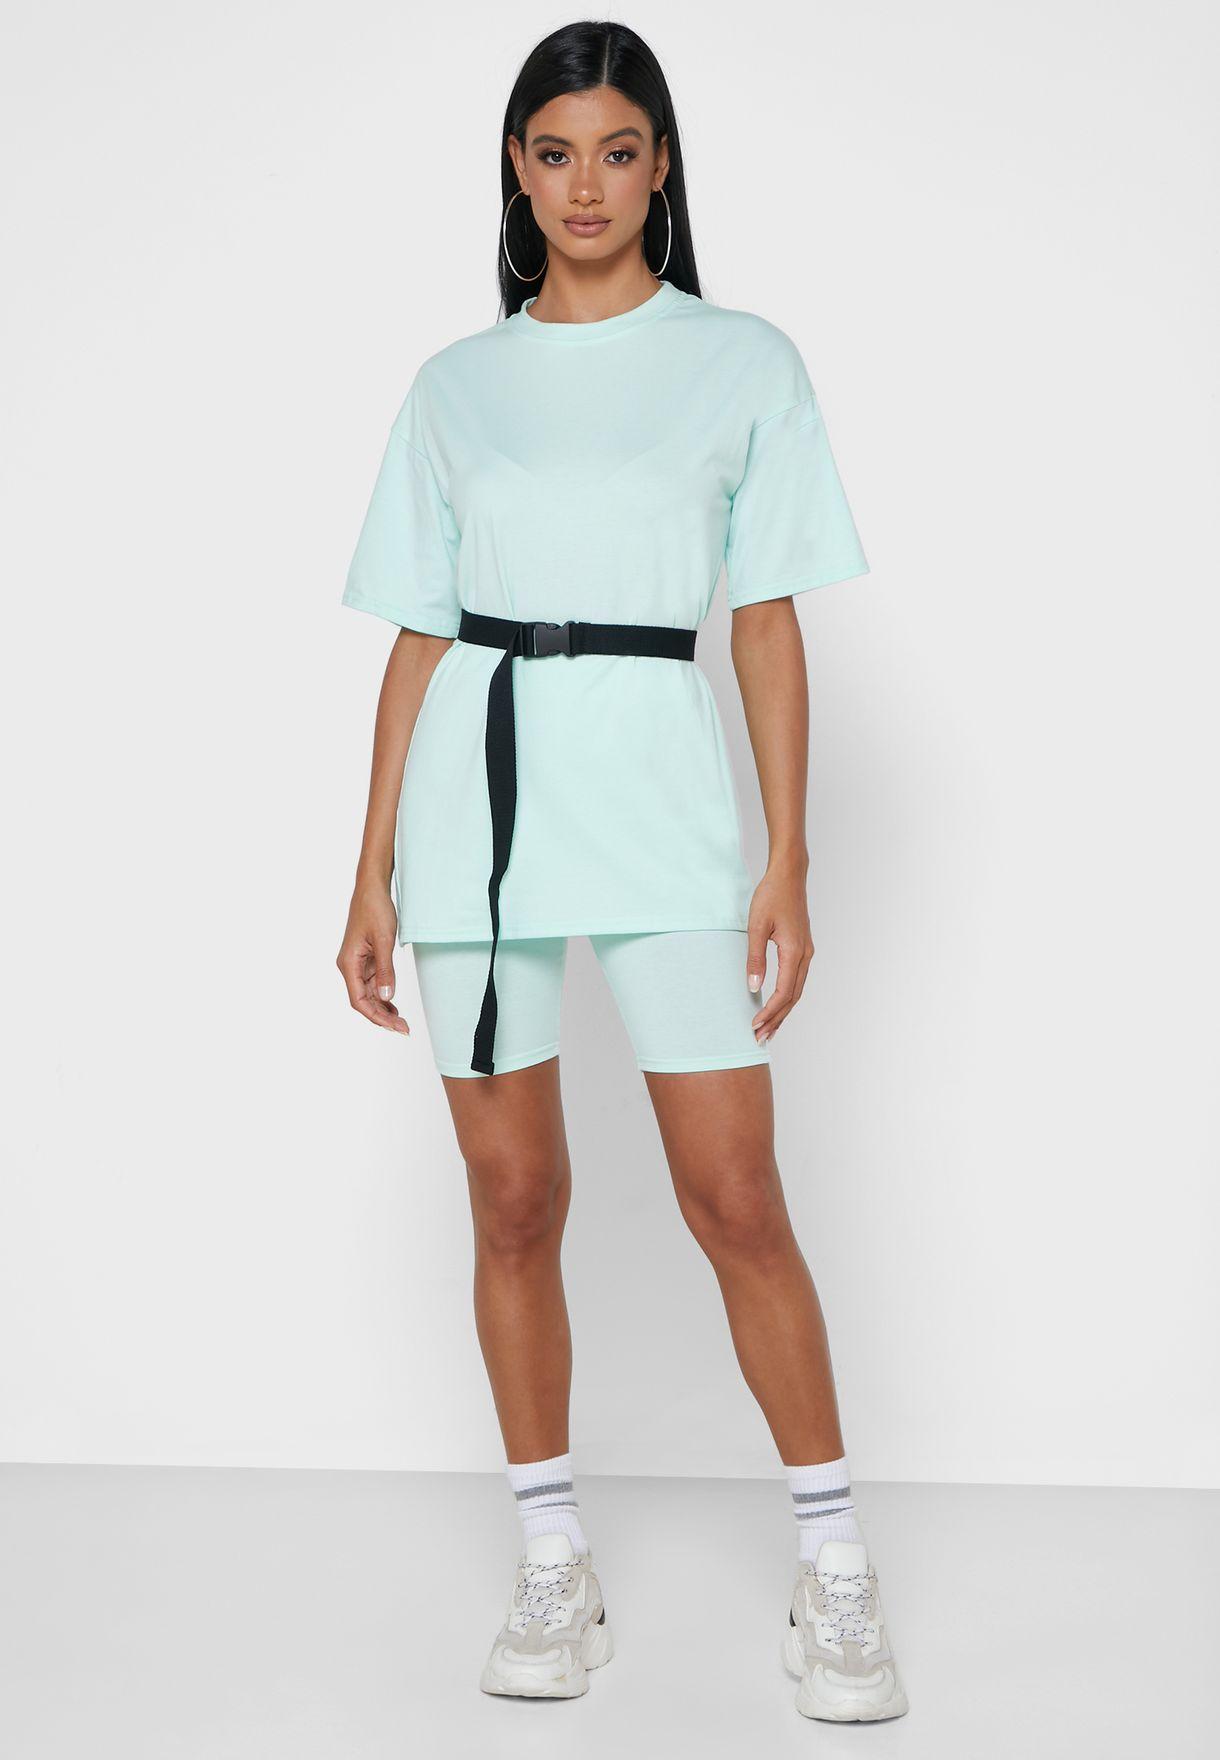 Oversized Tee & Shorts Set